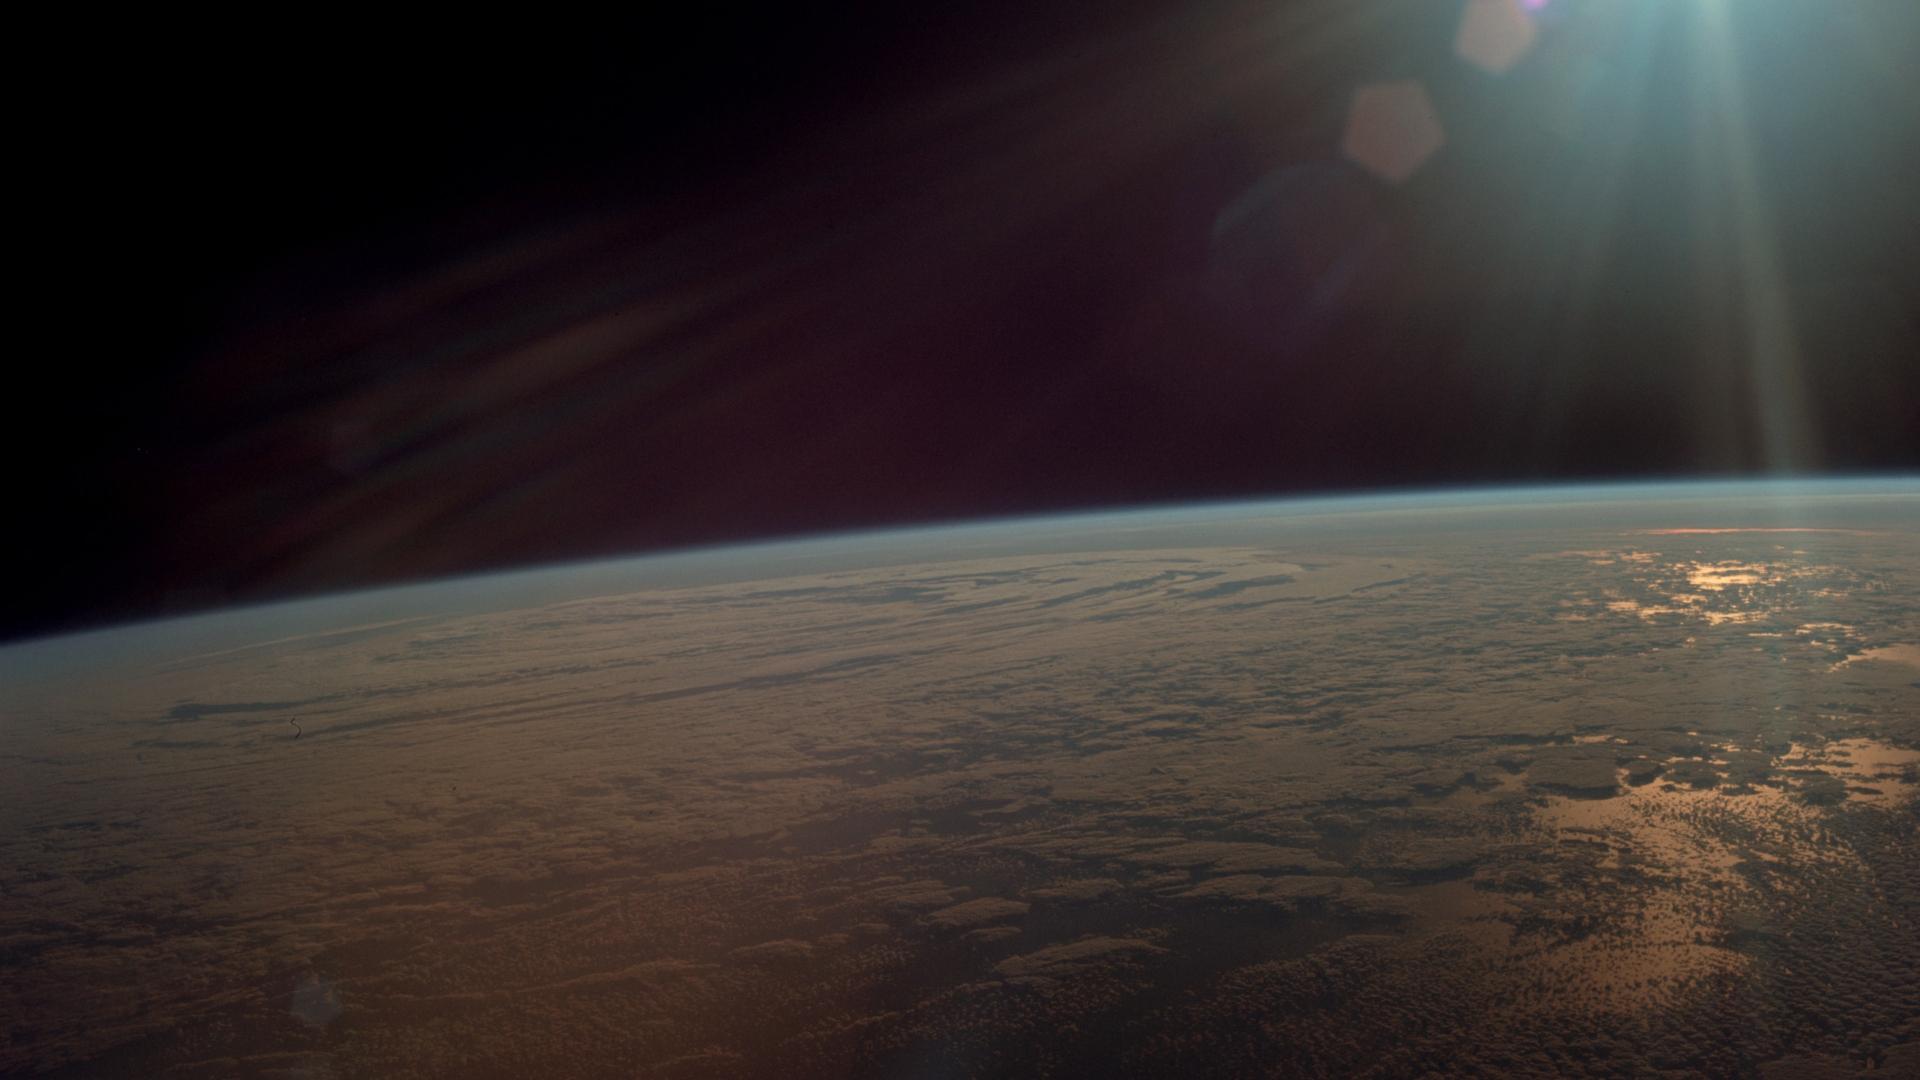 Vista de la tierra, la fotografía fue tomada por Collins.